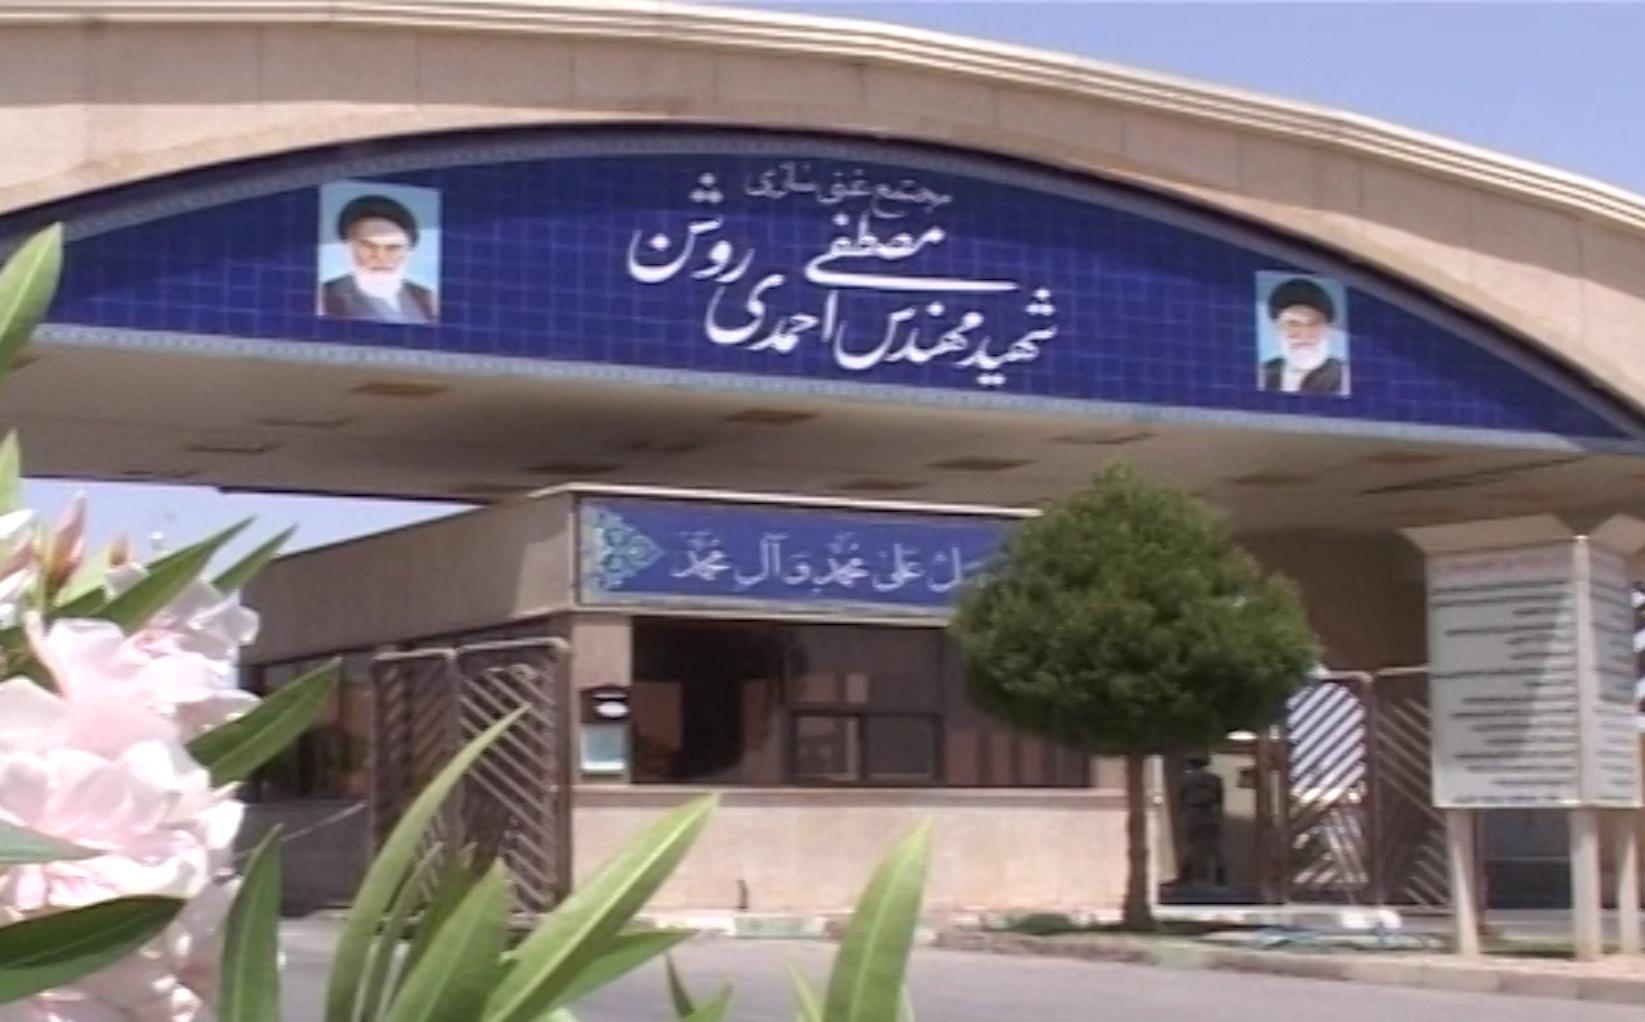 شناسایی هویت عامل اختلال در سیستم برق مجتمع شهید احمدیروشن نطنز